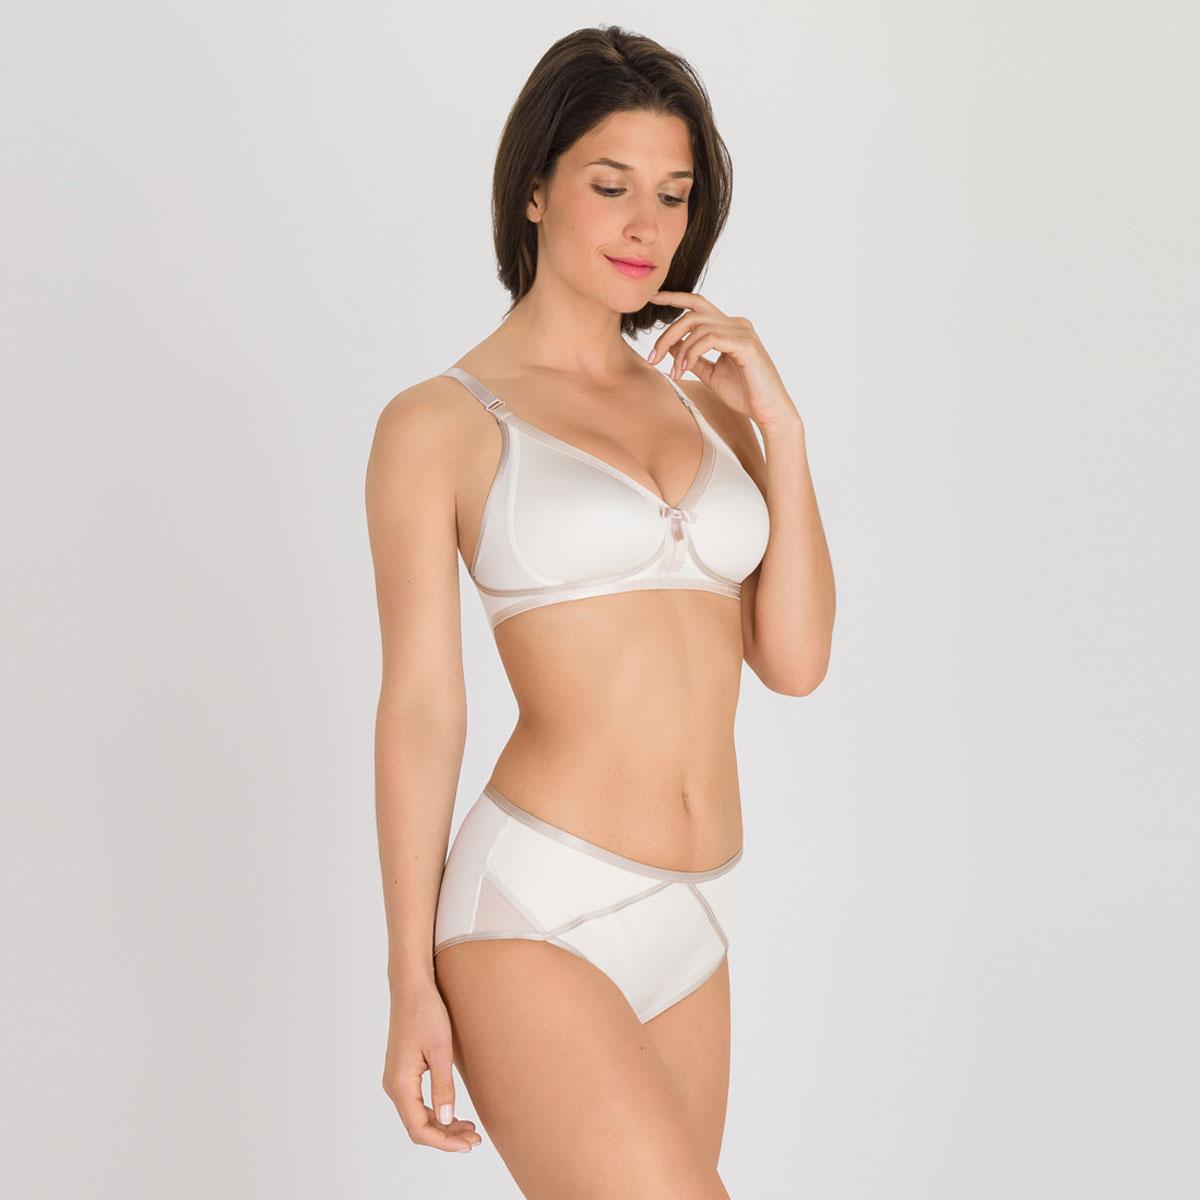 Soutien-gorge sans armatures ivoire - Ideal Beauty-PLAYTEX